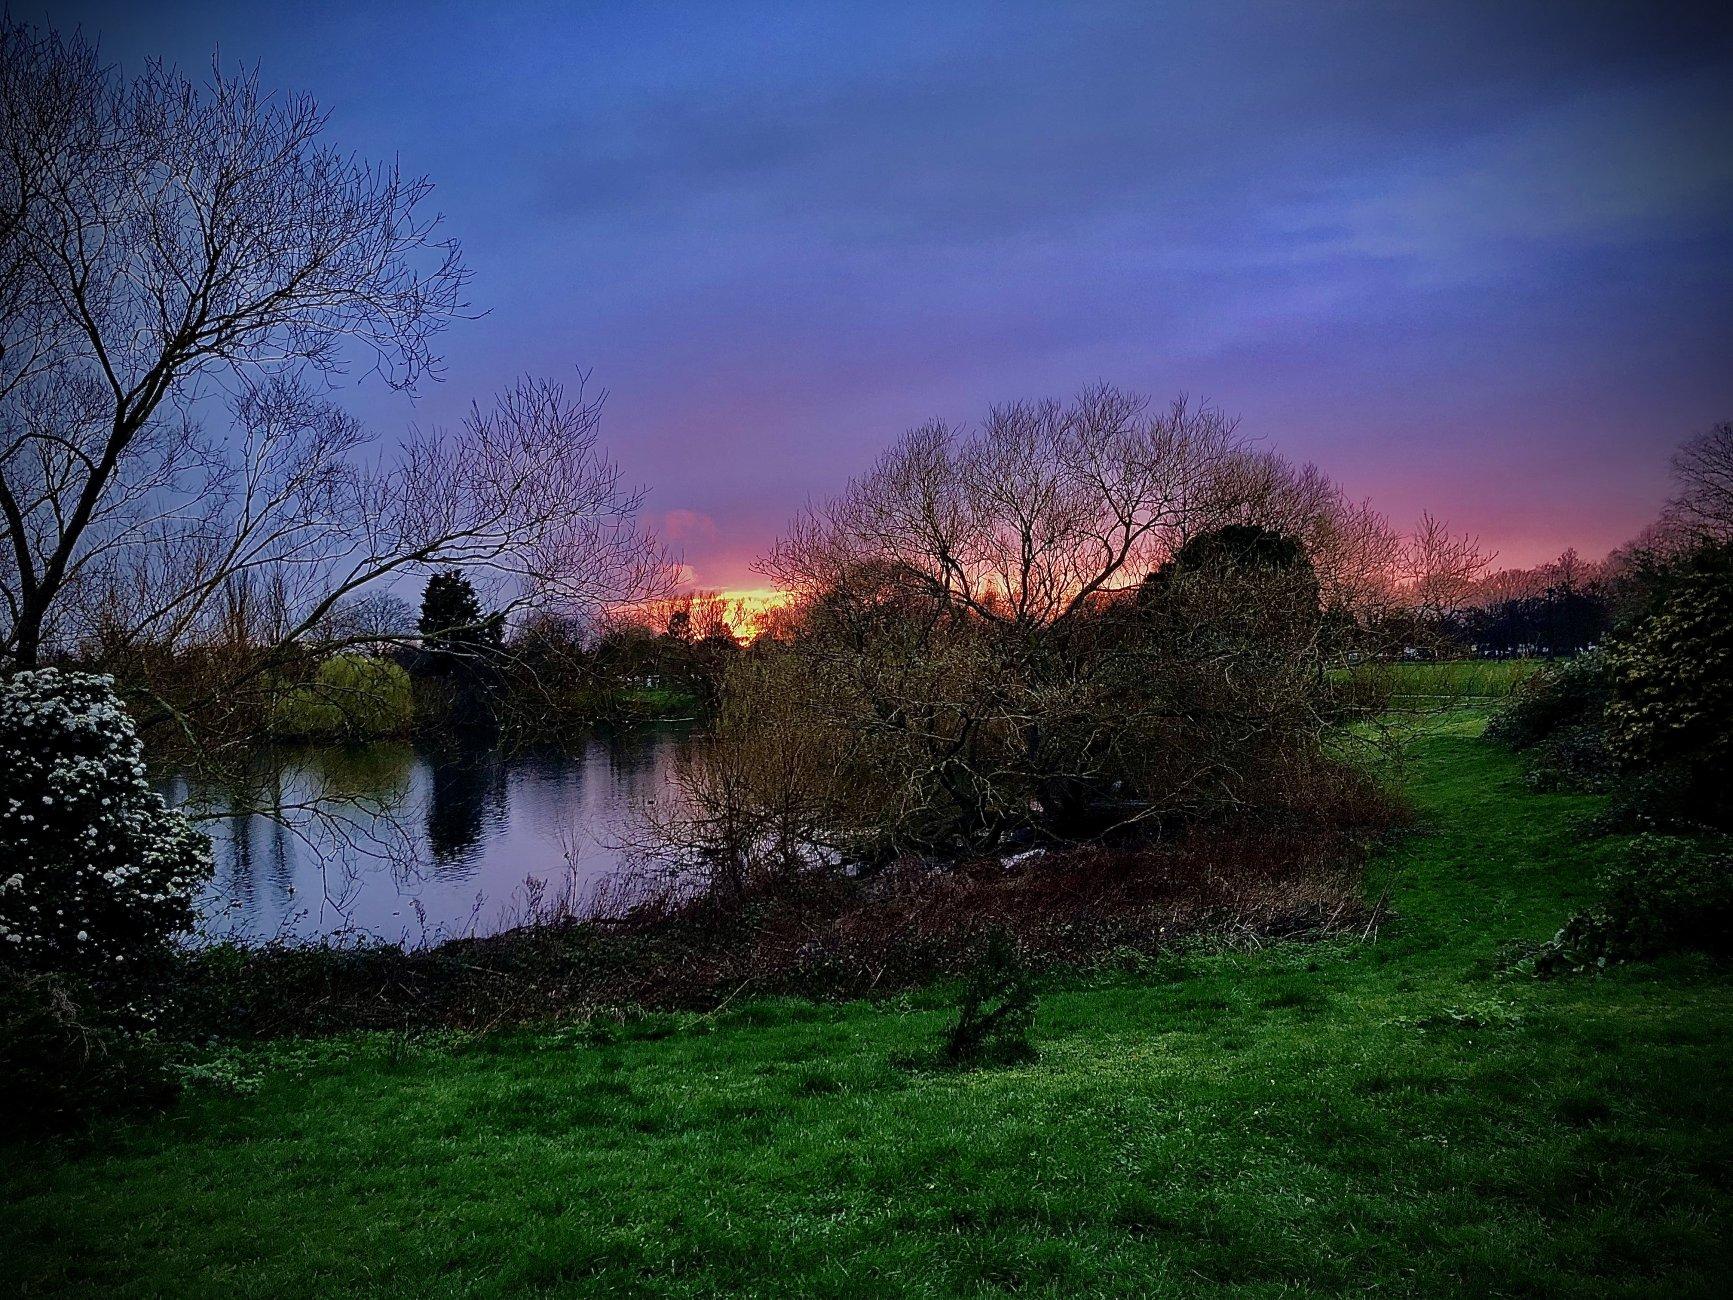 Dagenham sunset